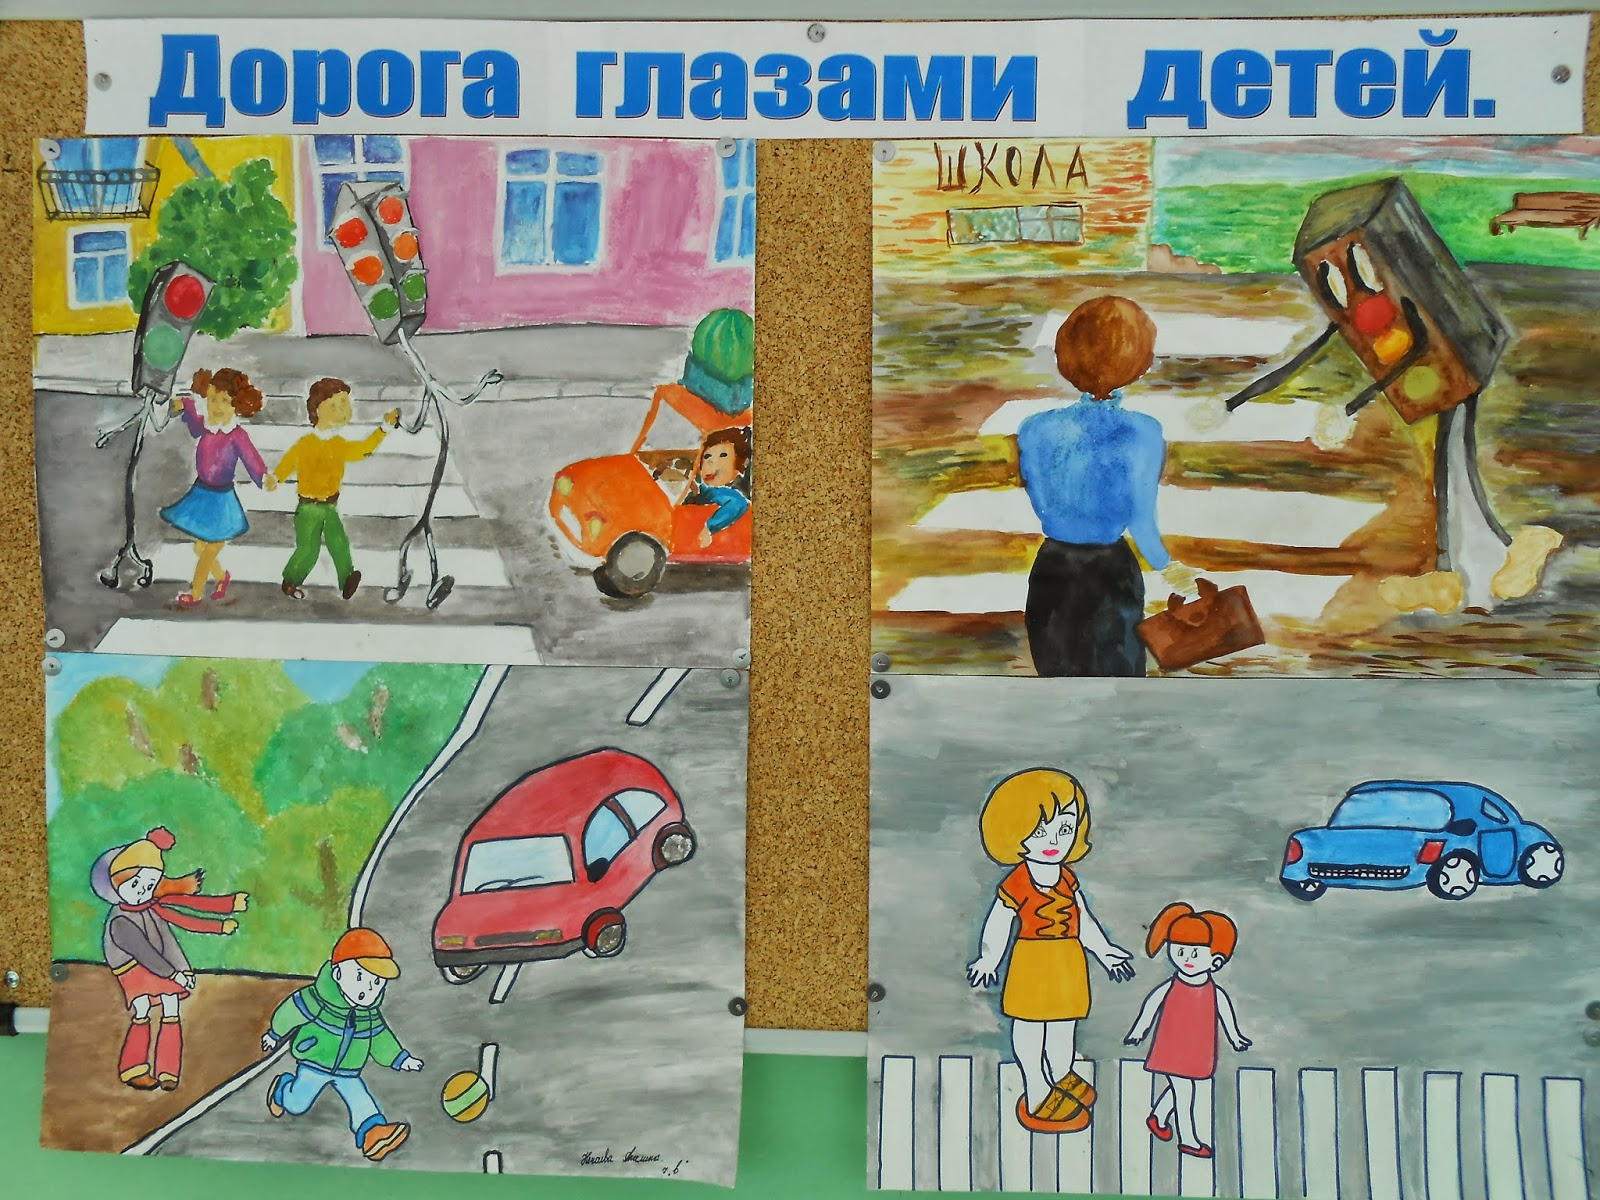 дорога глазами детей фото рисунки